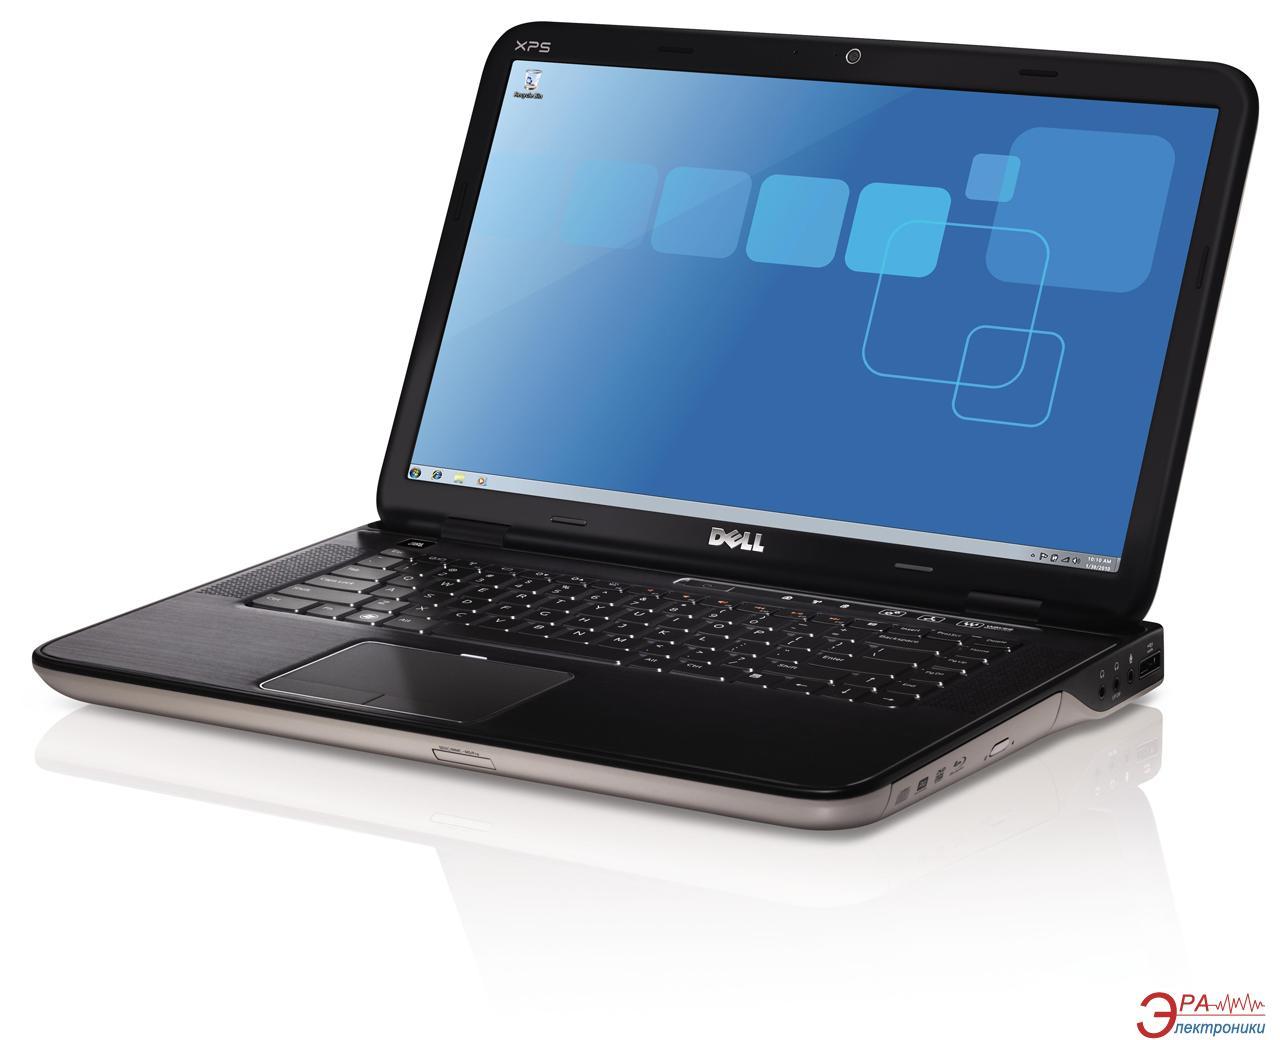 Ноутбук Dell XPS L502x (DXL502I24104640AL) Aluminum 15,6